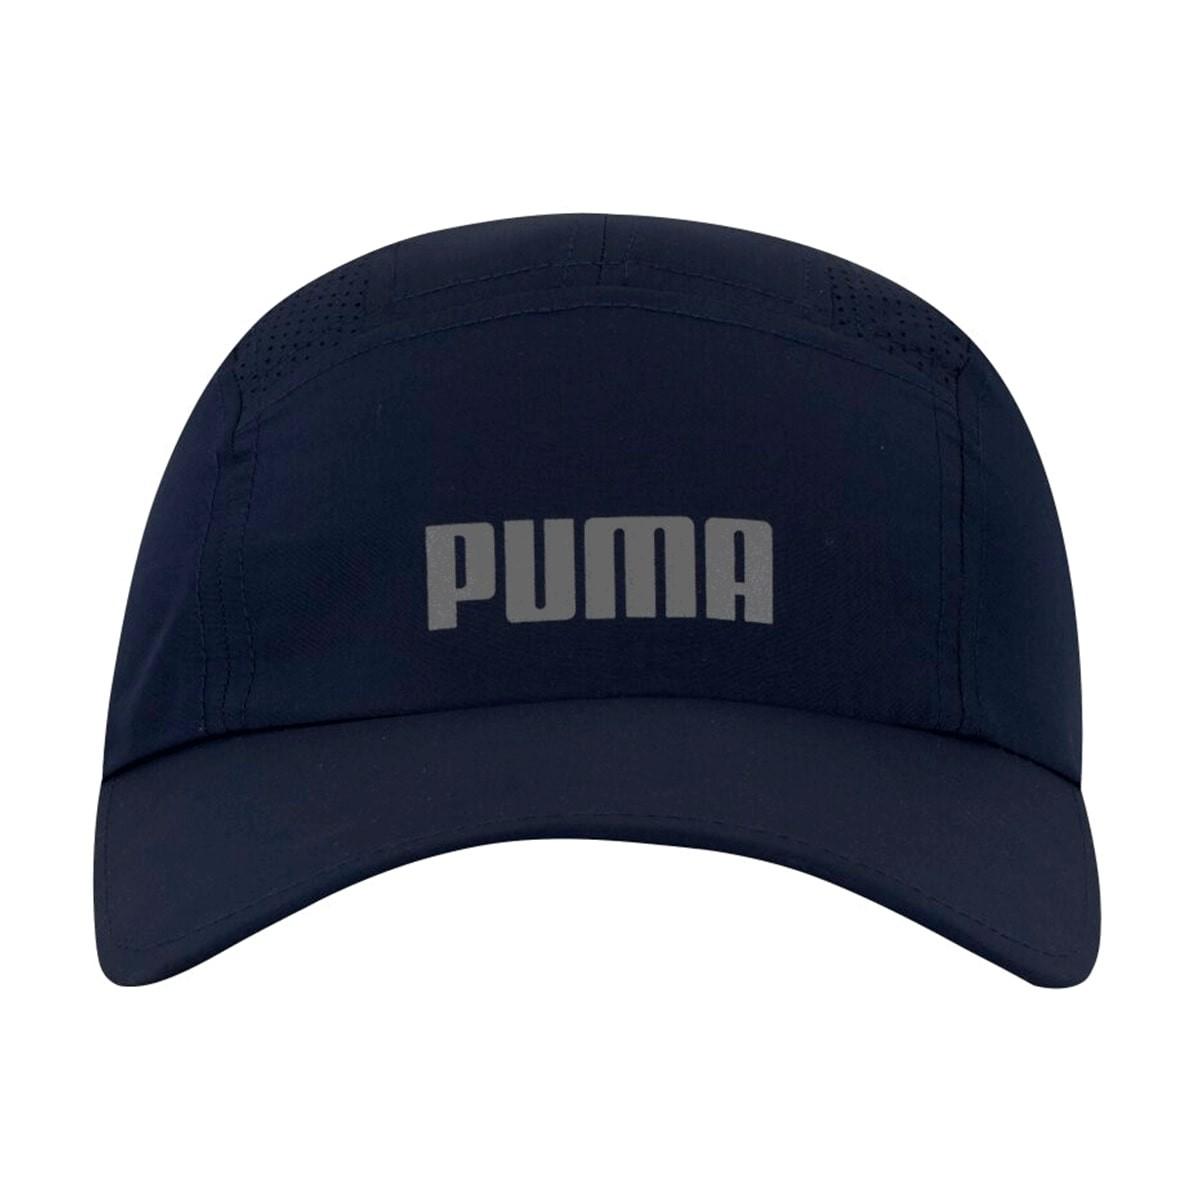 Boné Puma Aba Curva Cap Azul Marinho